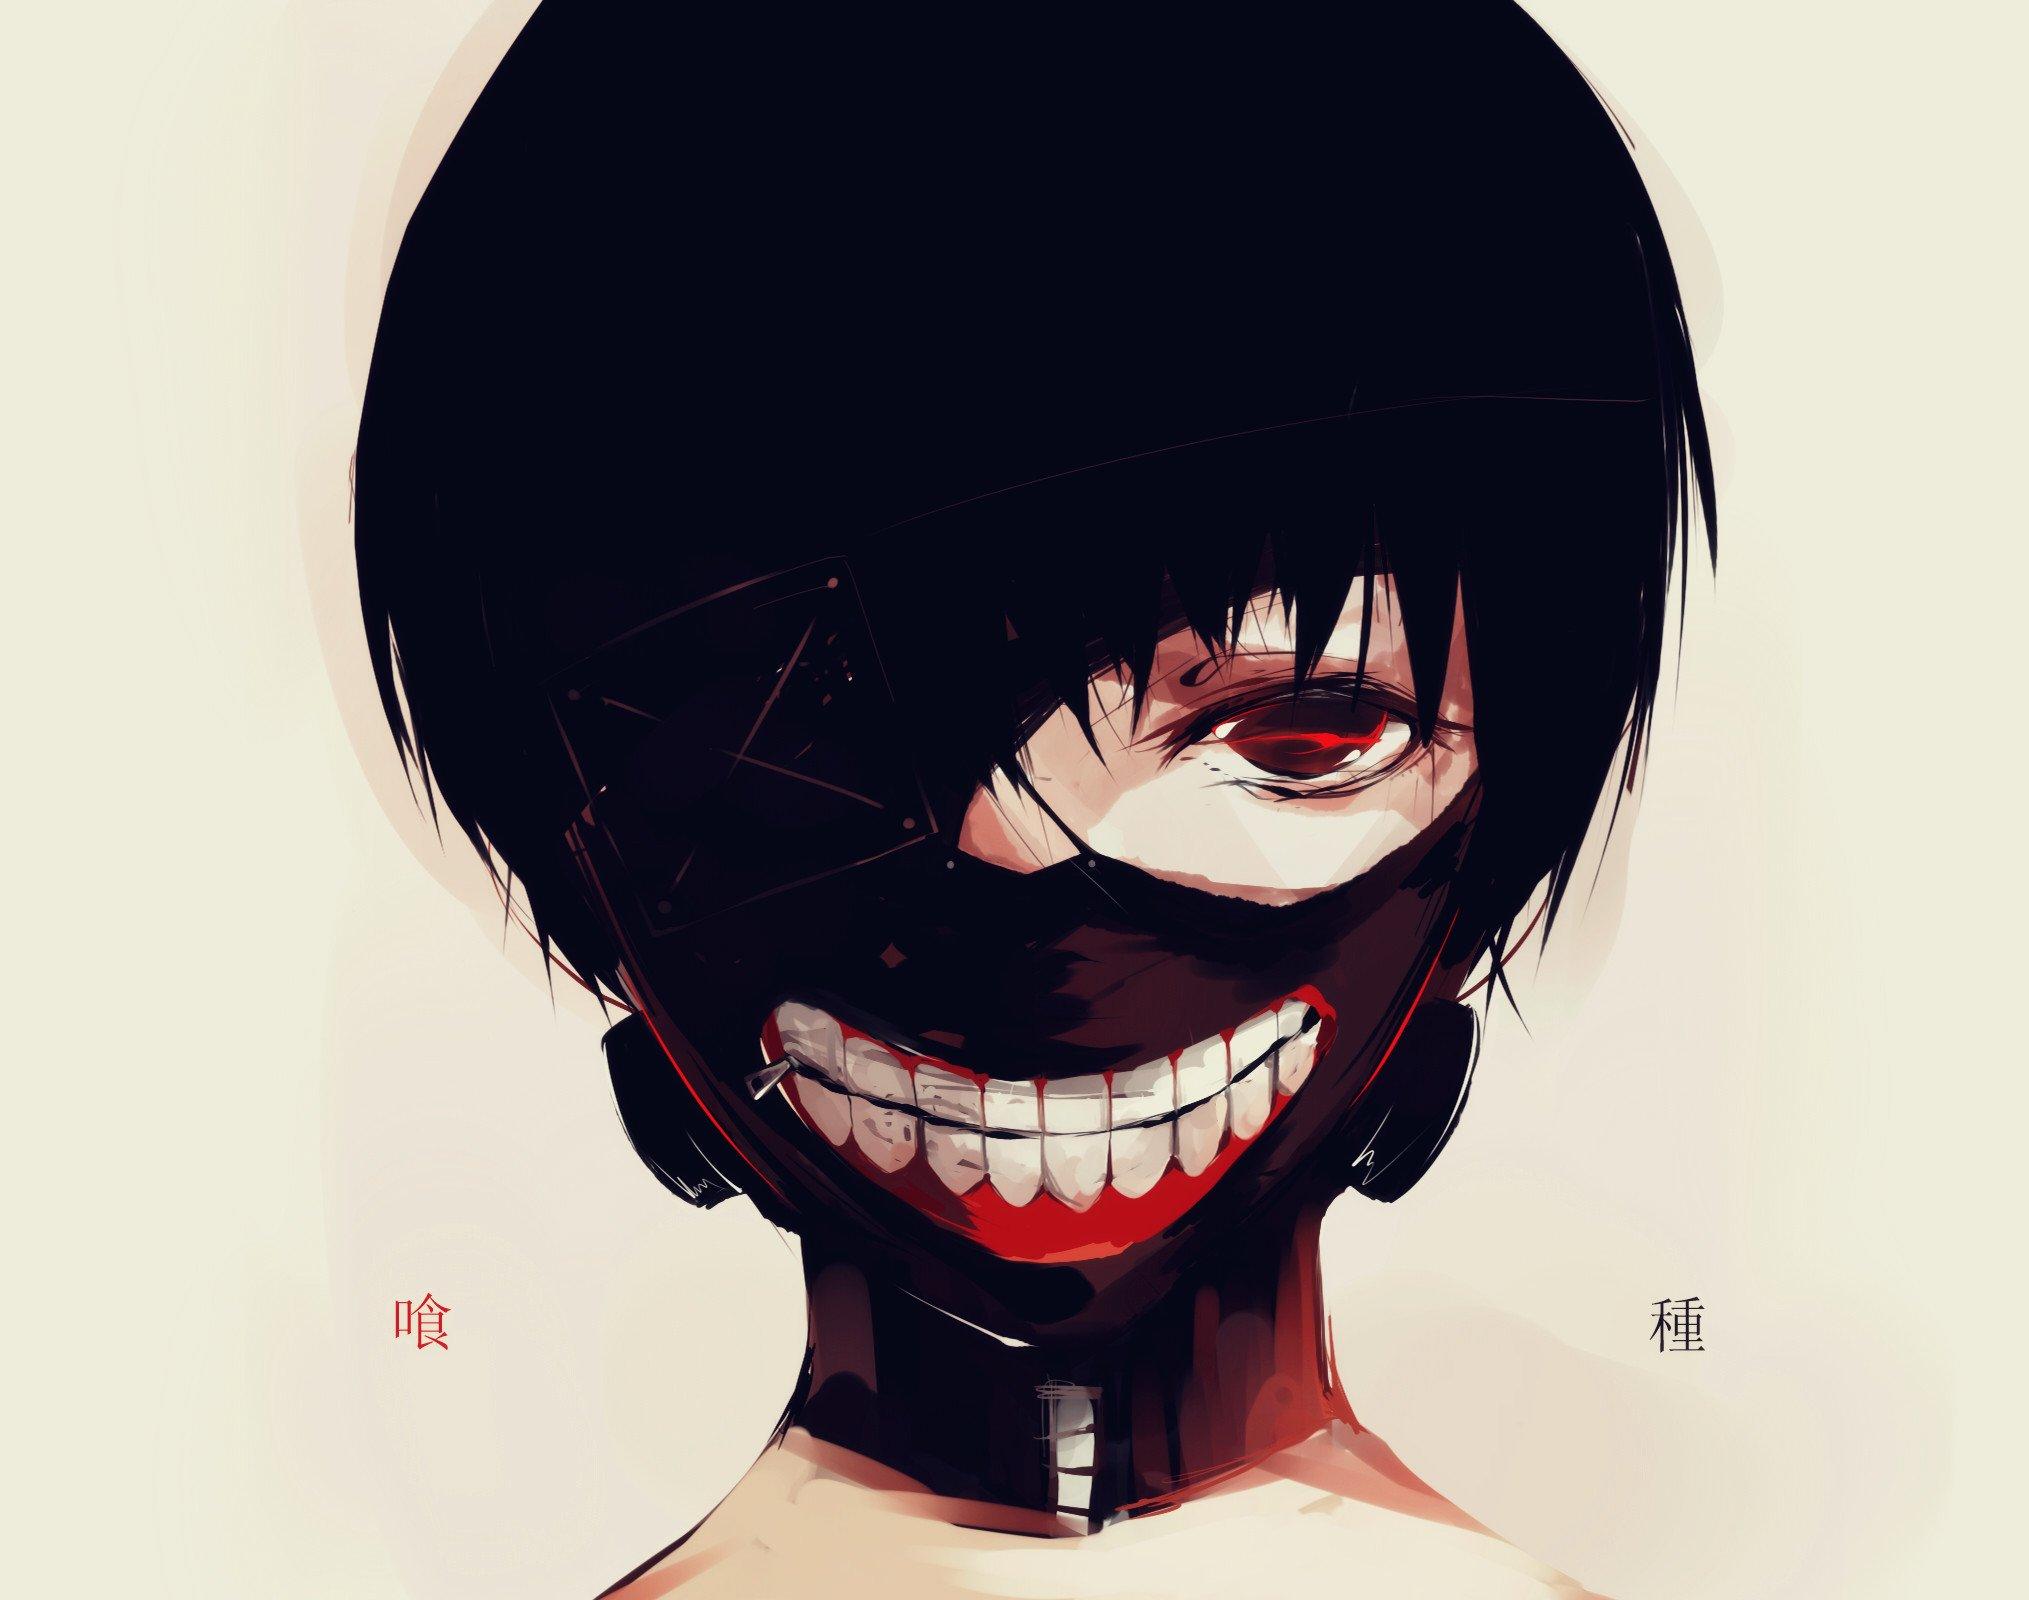 Tokyo ghoul kaneki ken mask hd 1920x1080 tokyo ghoul. Close jpeg artifacts kaneki ken mask tokyo ghoul youshima ...